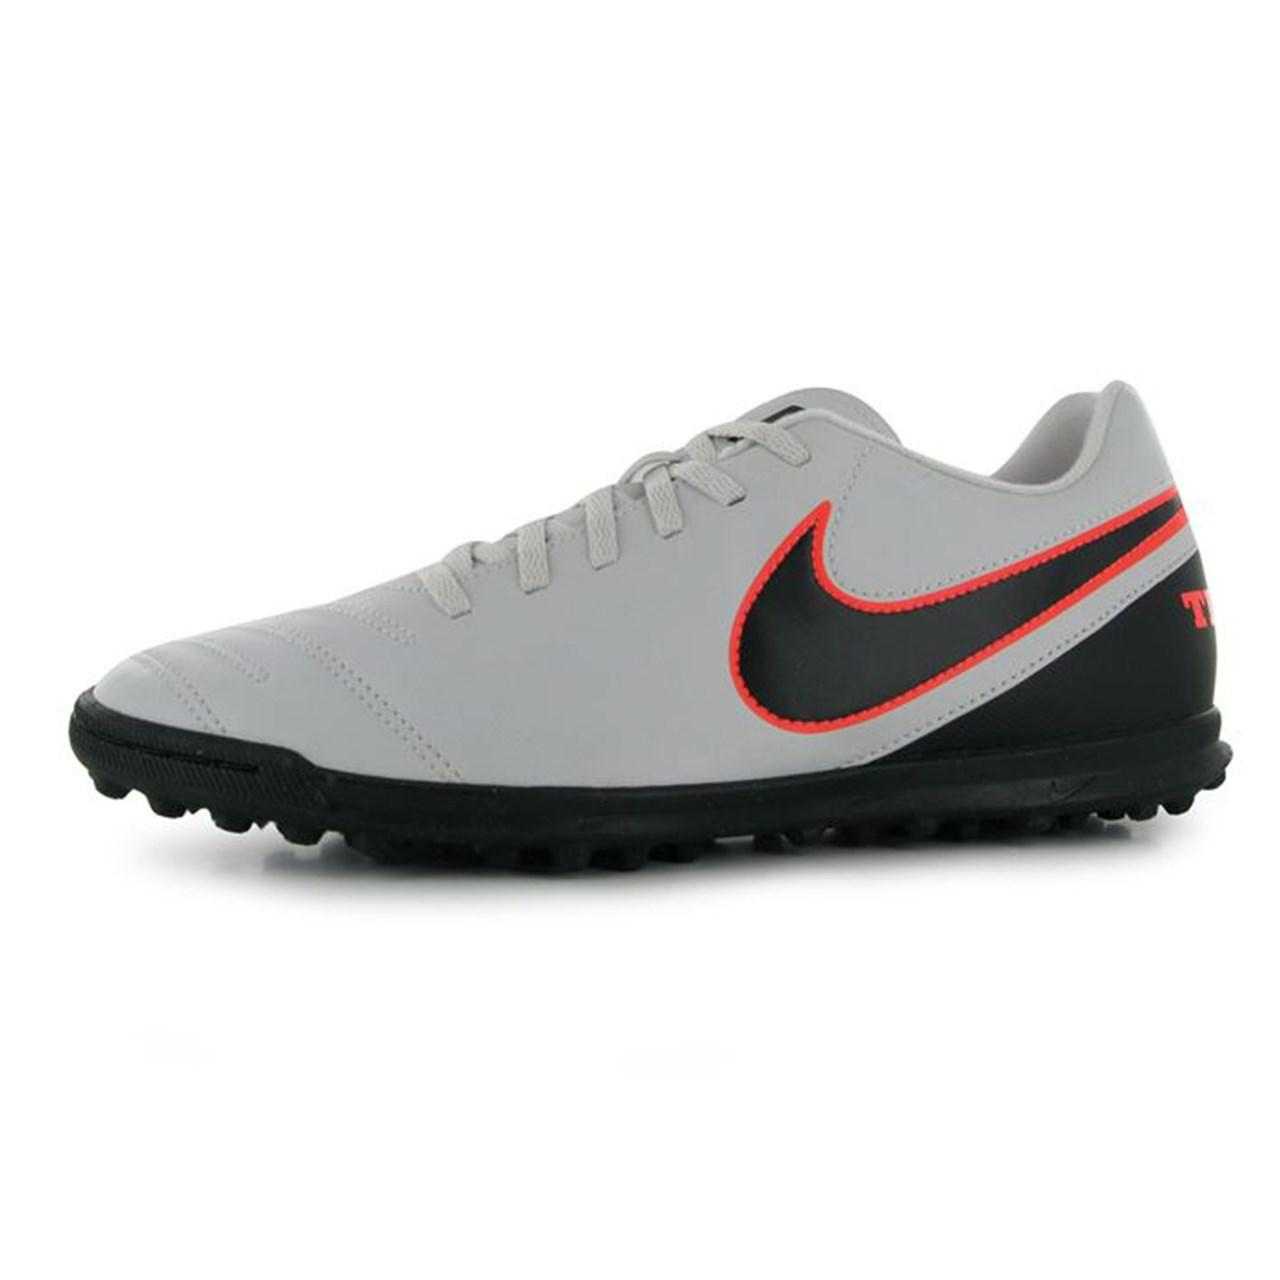 کفش فوتبال مردانه نایک مدل TIEMPO RIO III TF